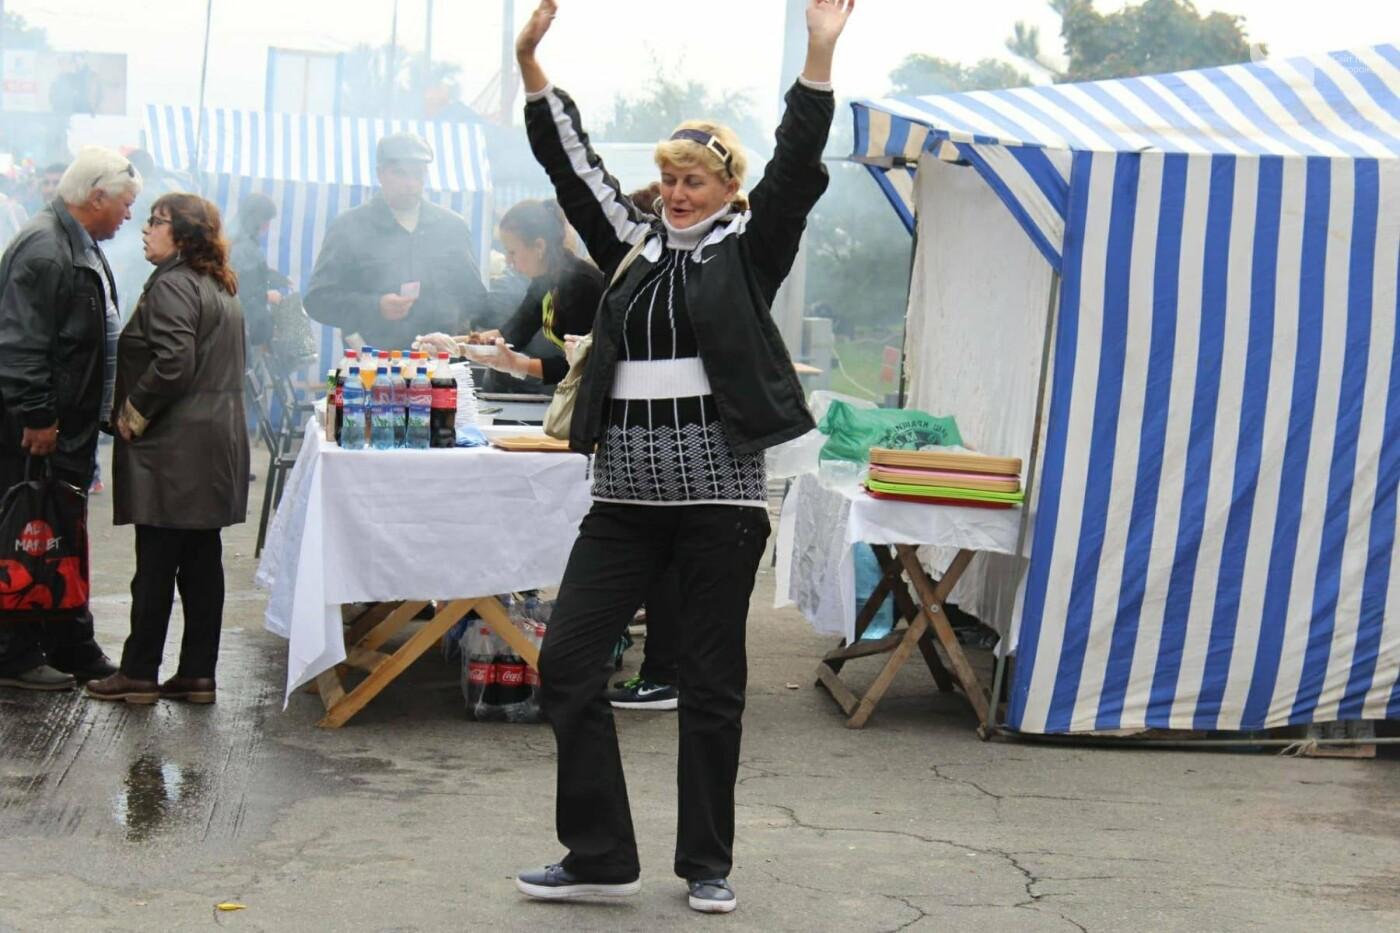 Водка, трусы и картошка: в Запорожье стартовала Покровская ярмарка, - ФОТОРЕПОРТАЖ, фото-2